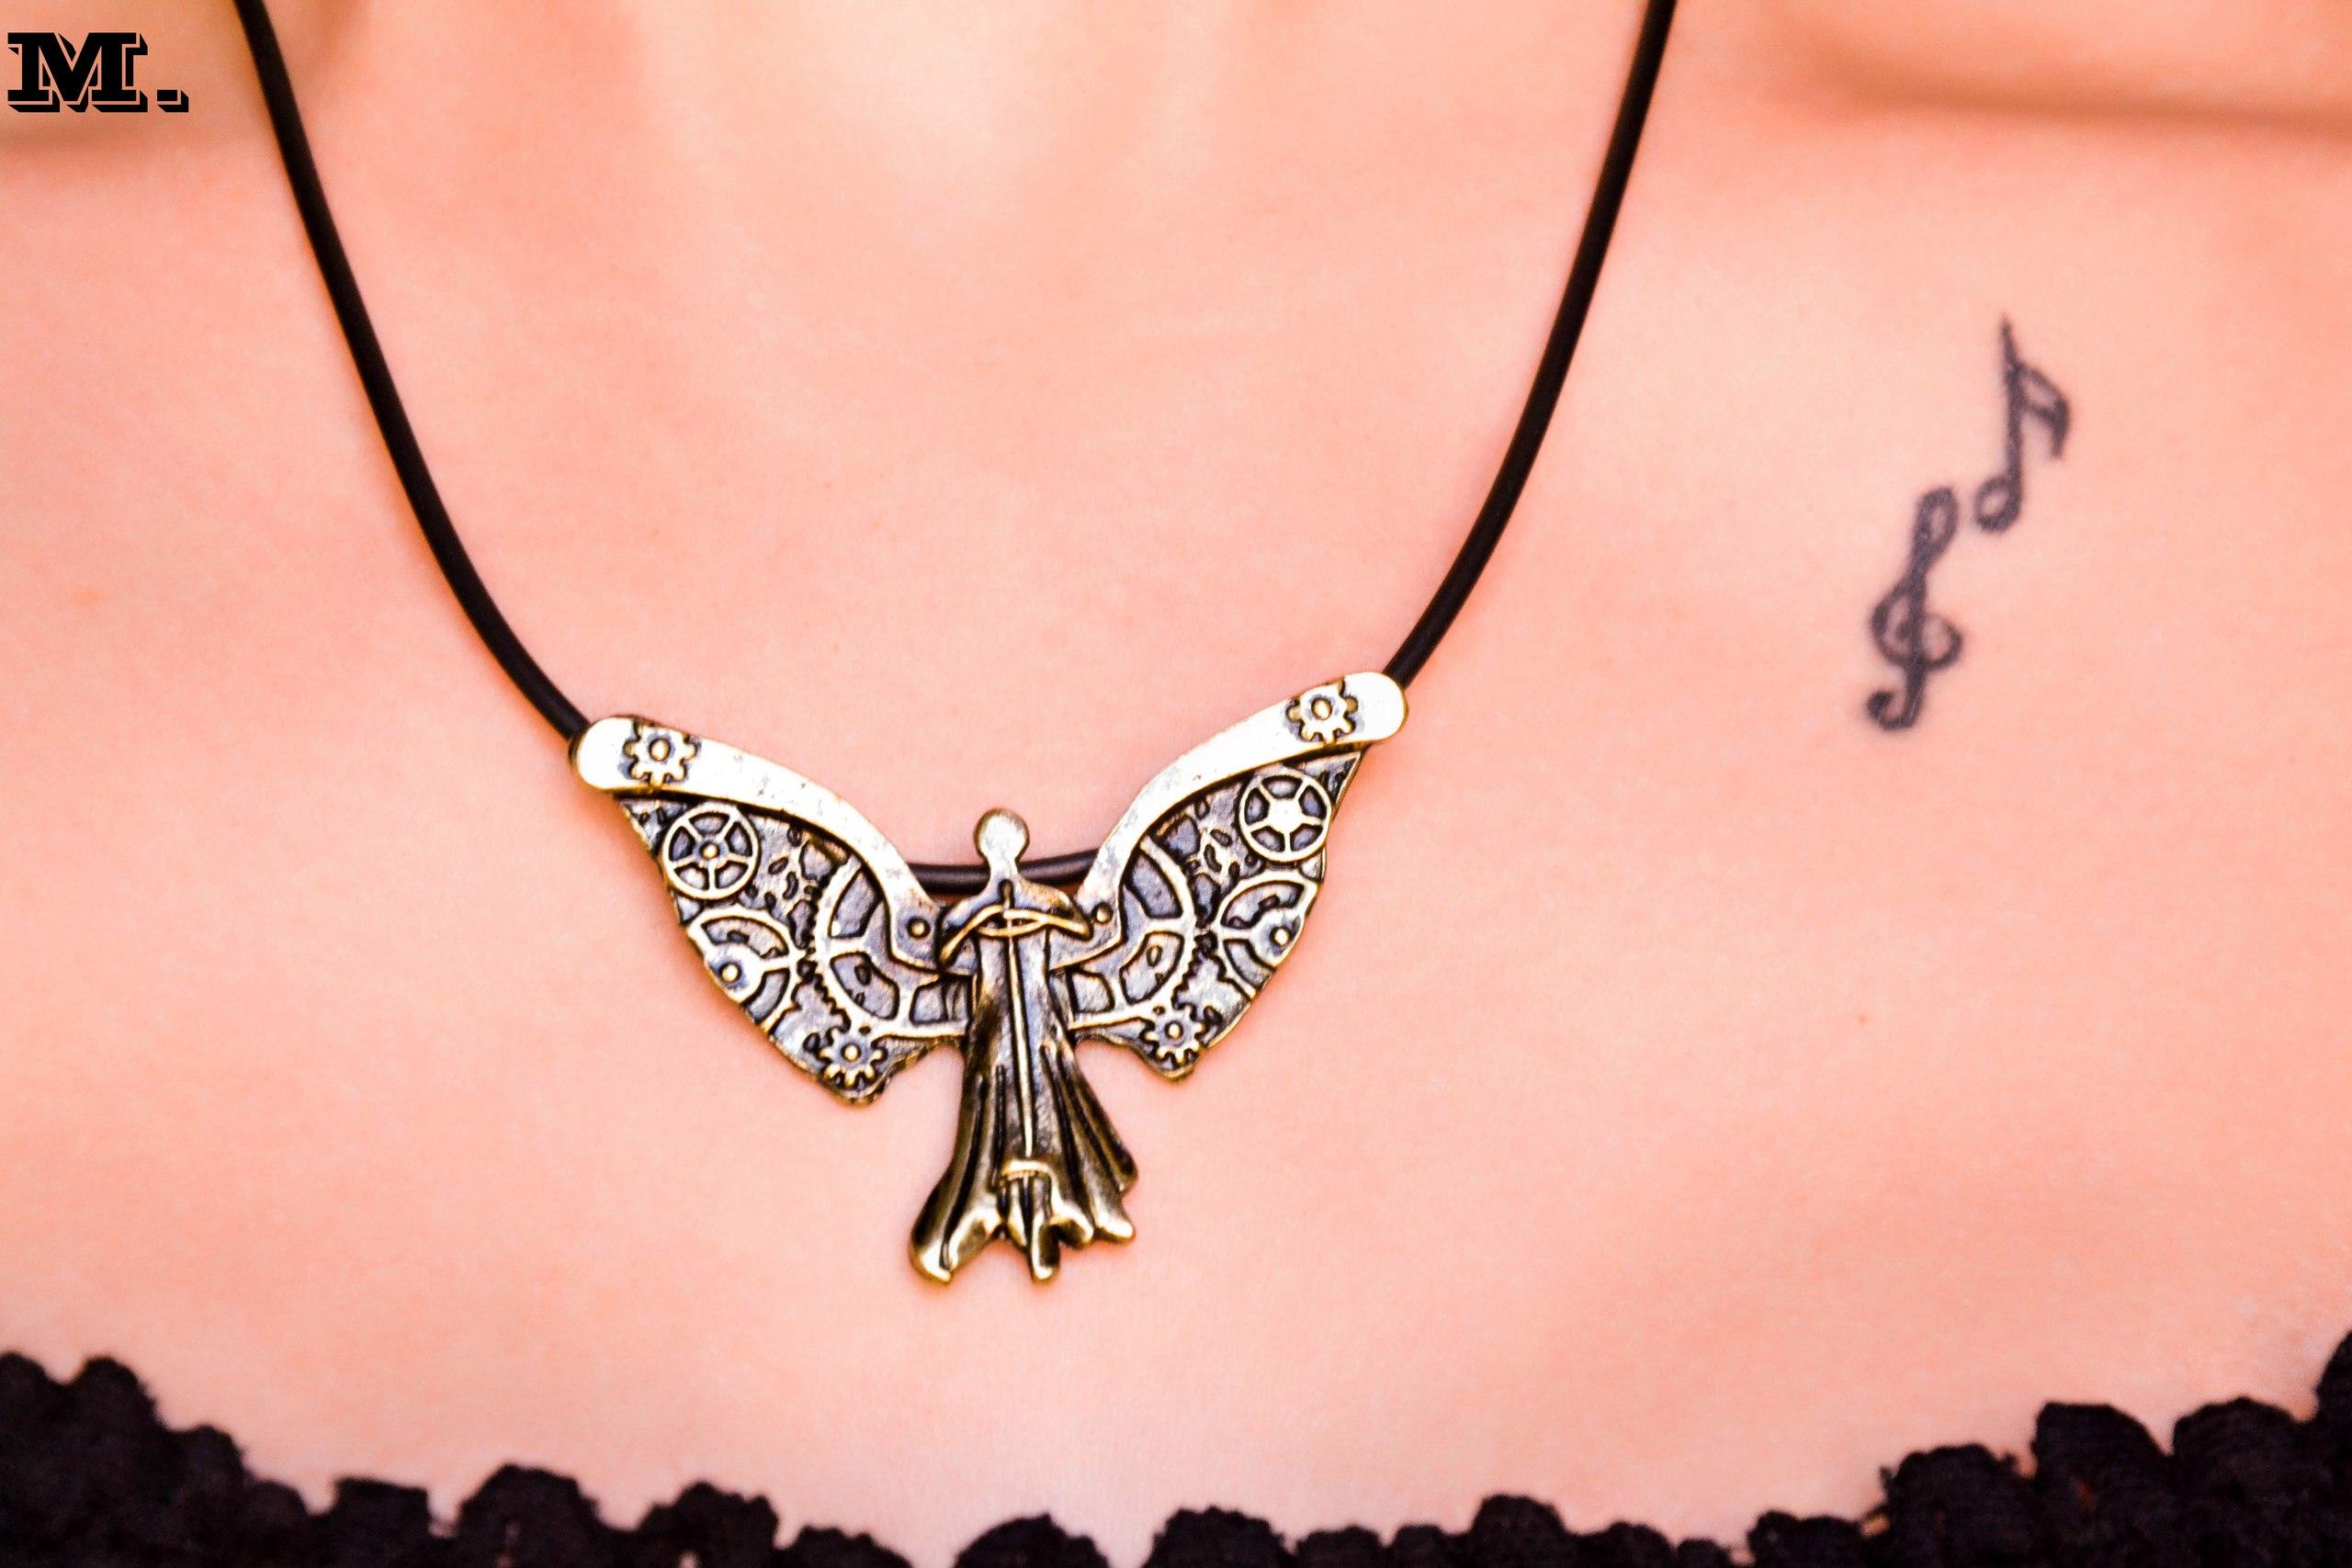 Ангел в стиле стимпанк для поклонников творчества Кассандры Клэр